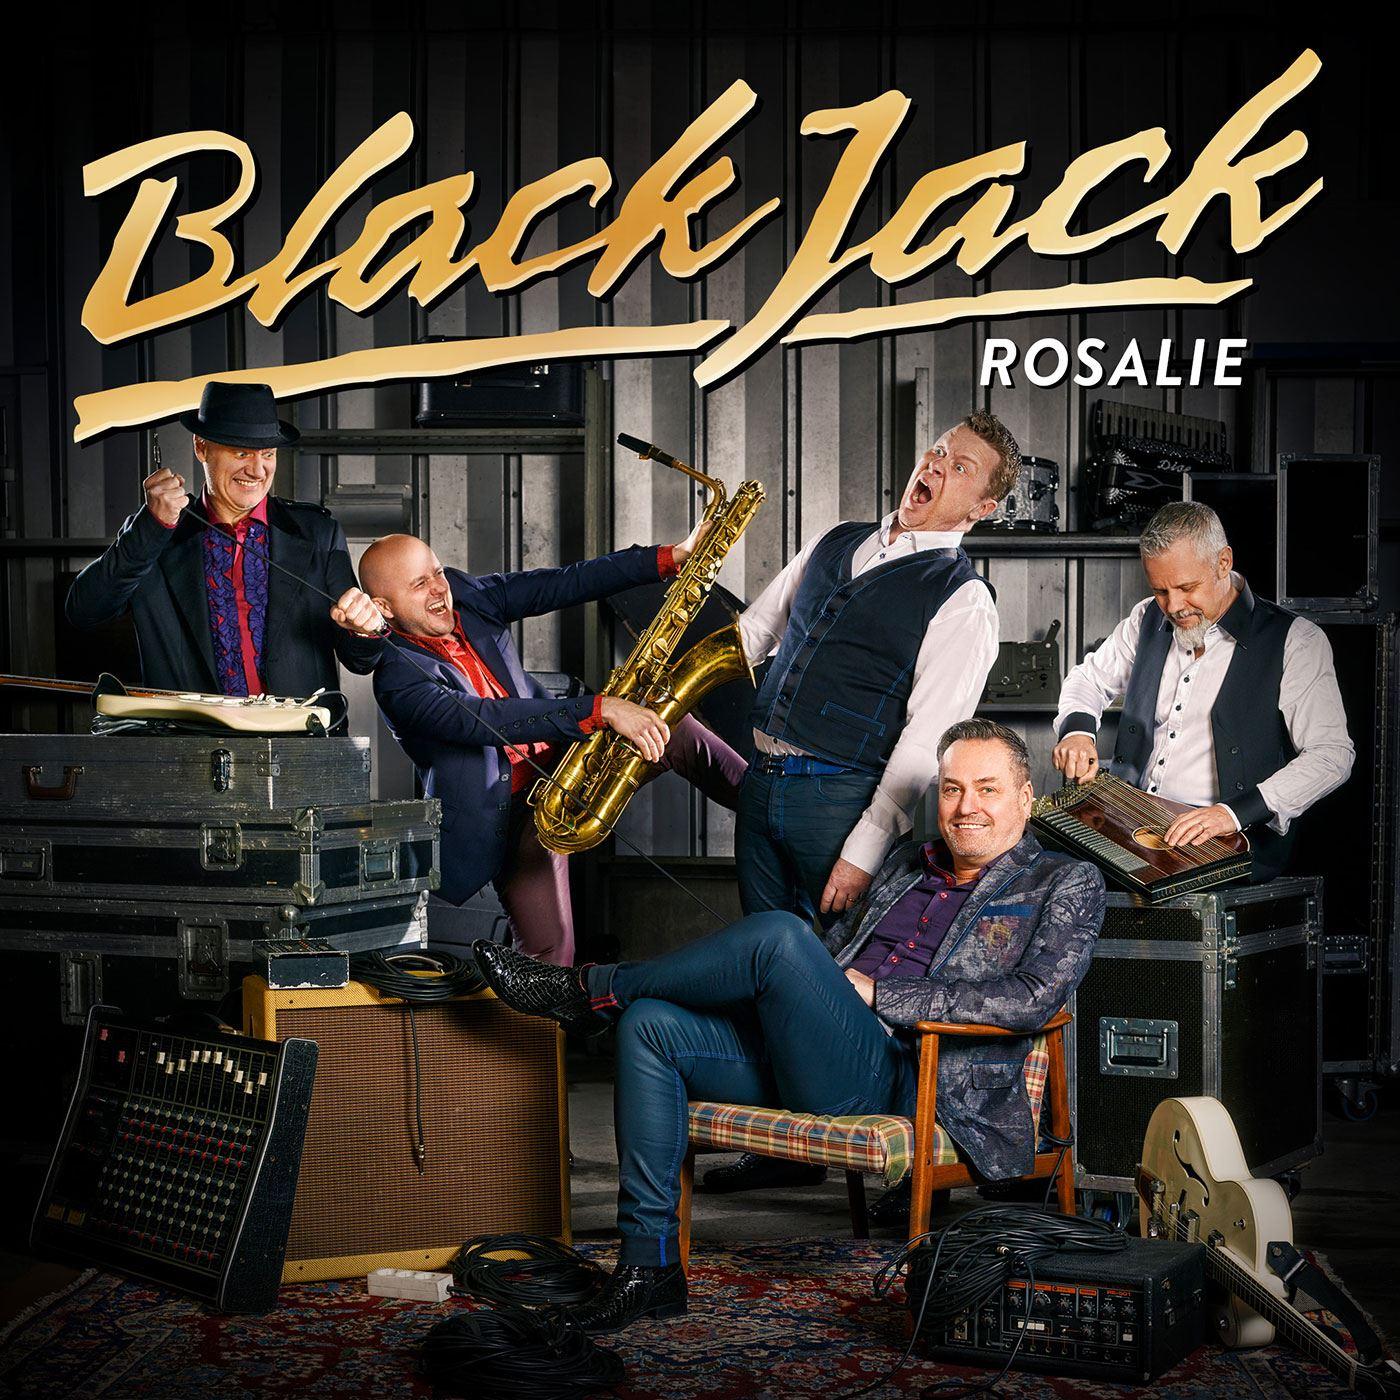 dans, jättendal, black jack, gt-gården,  © dans, jättendal, black jack, gt-gården, dans, jättendal, black jack, gt-gården